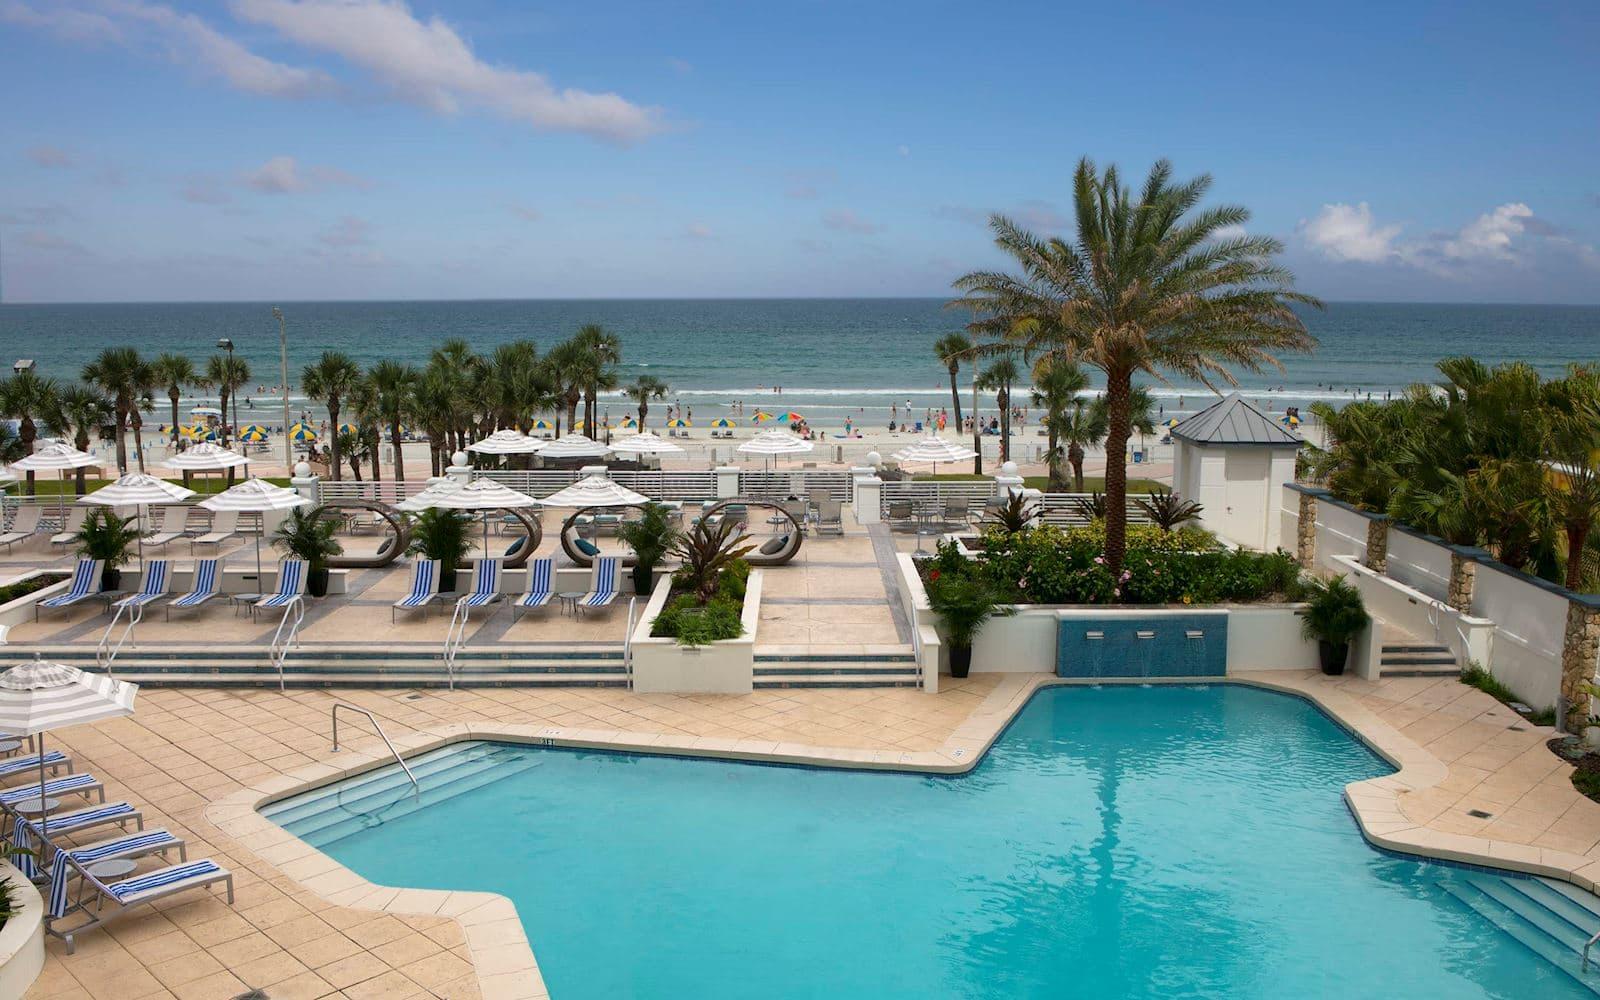 Our Resort Hilton Daytona Beach Oceanfront Resort